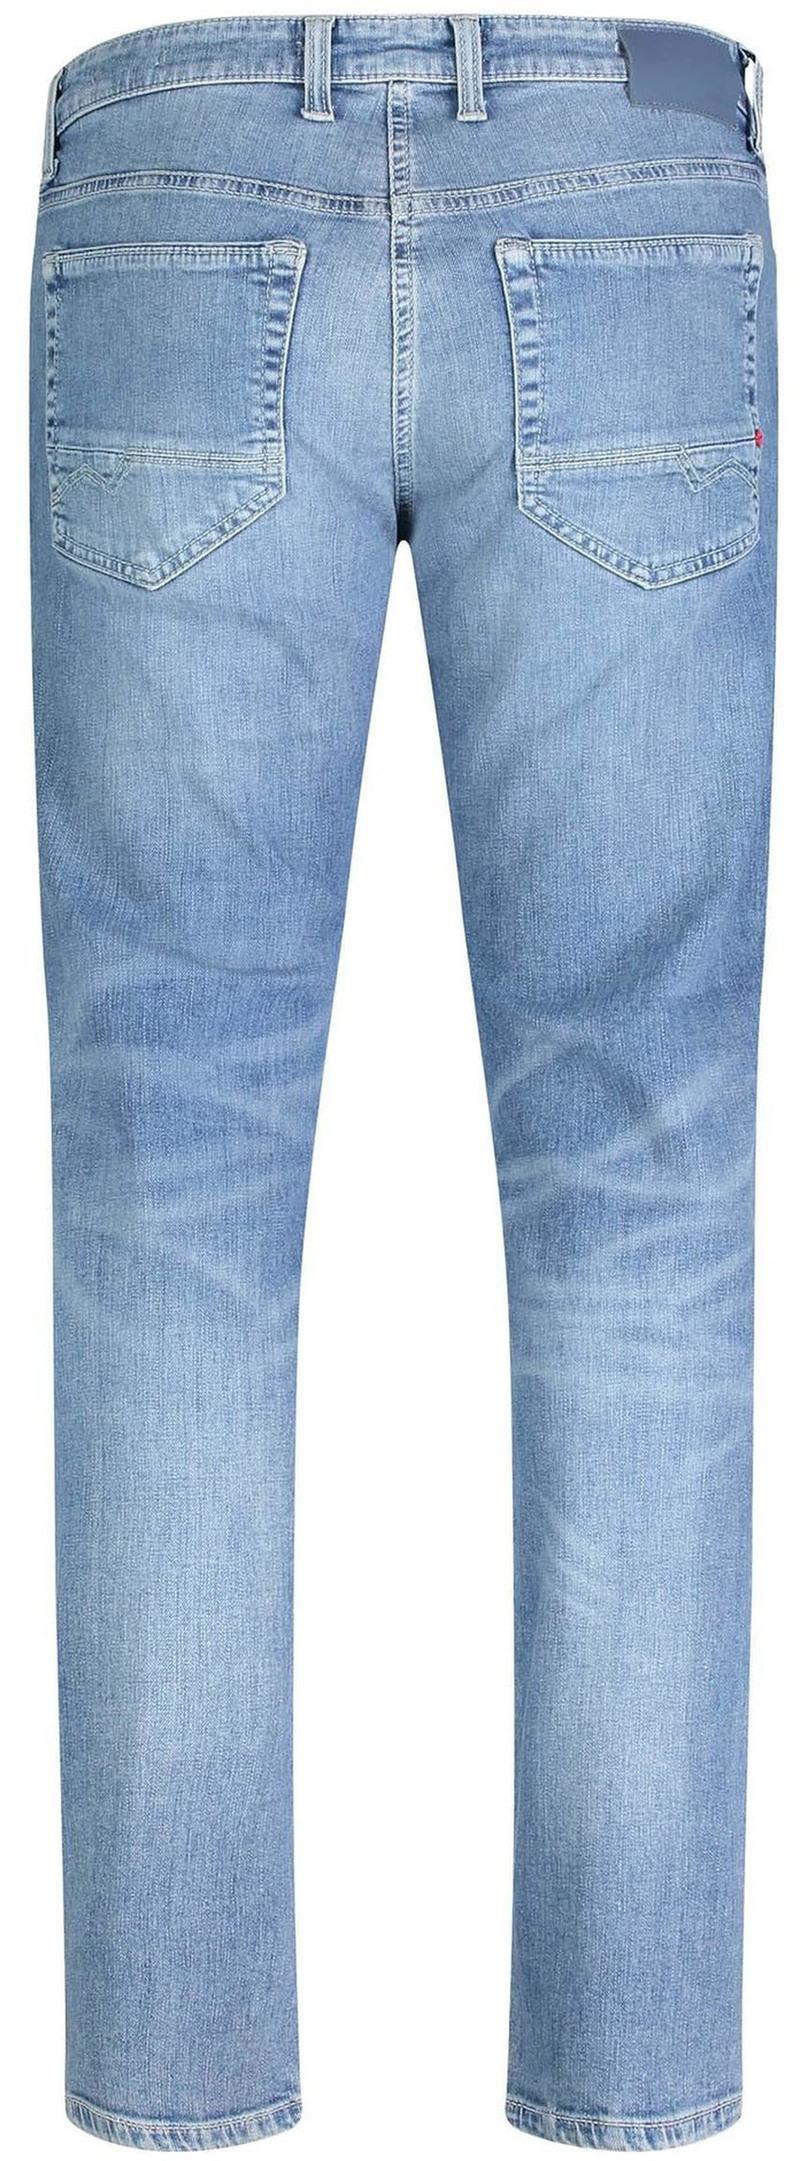 MAC Jeans Arne Pipe Vintage Blue